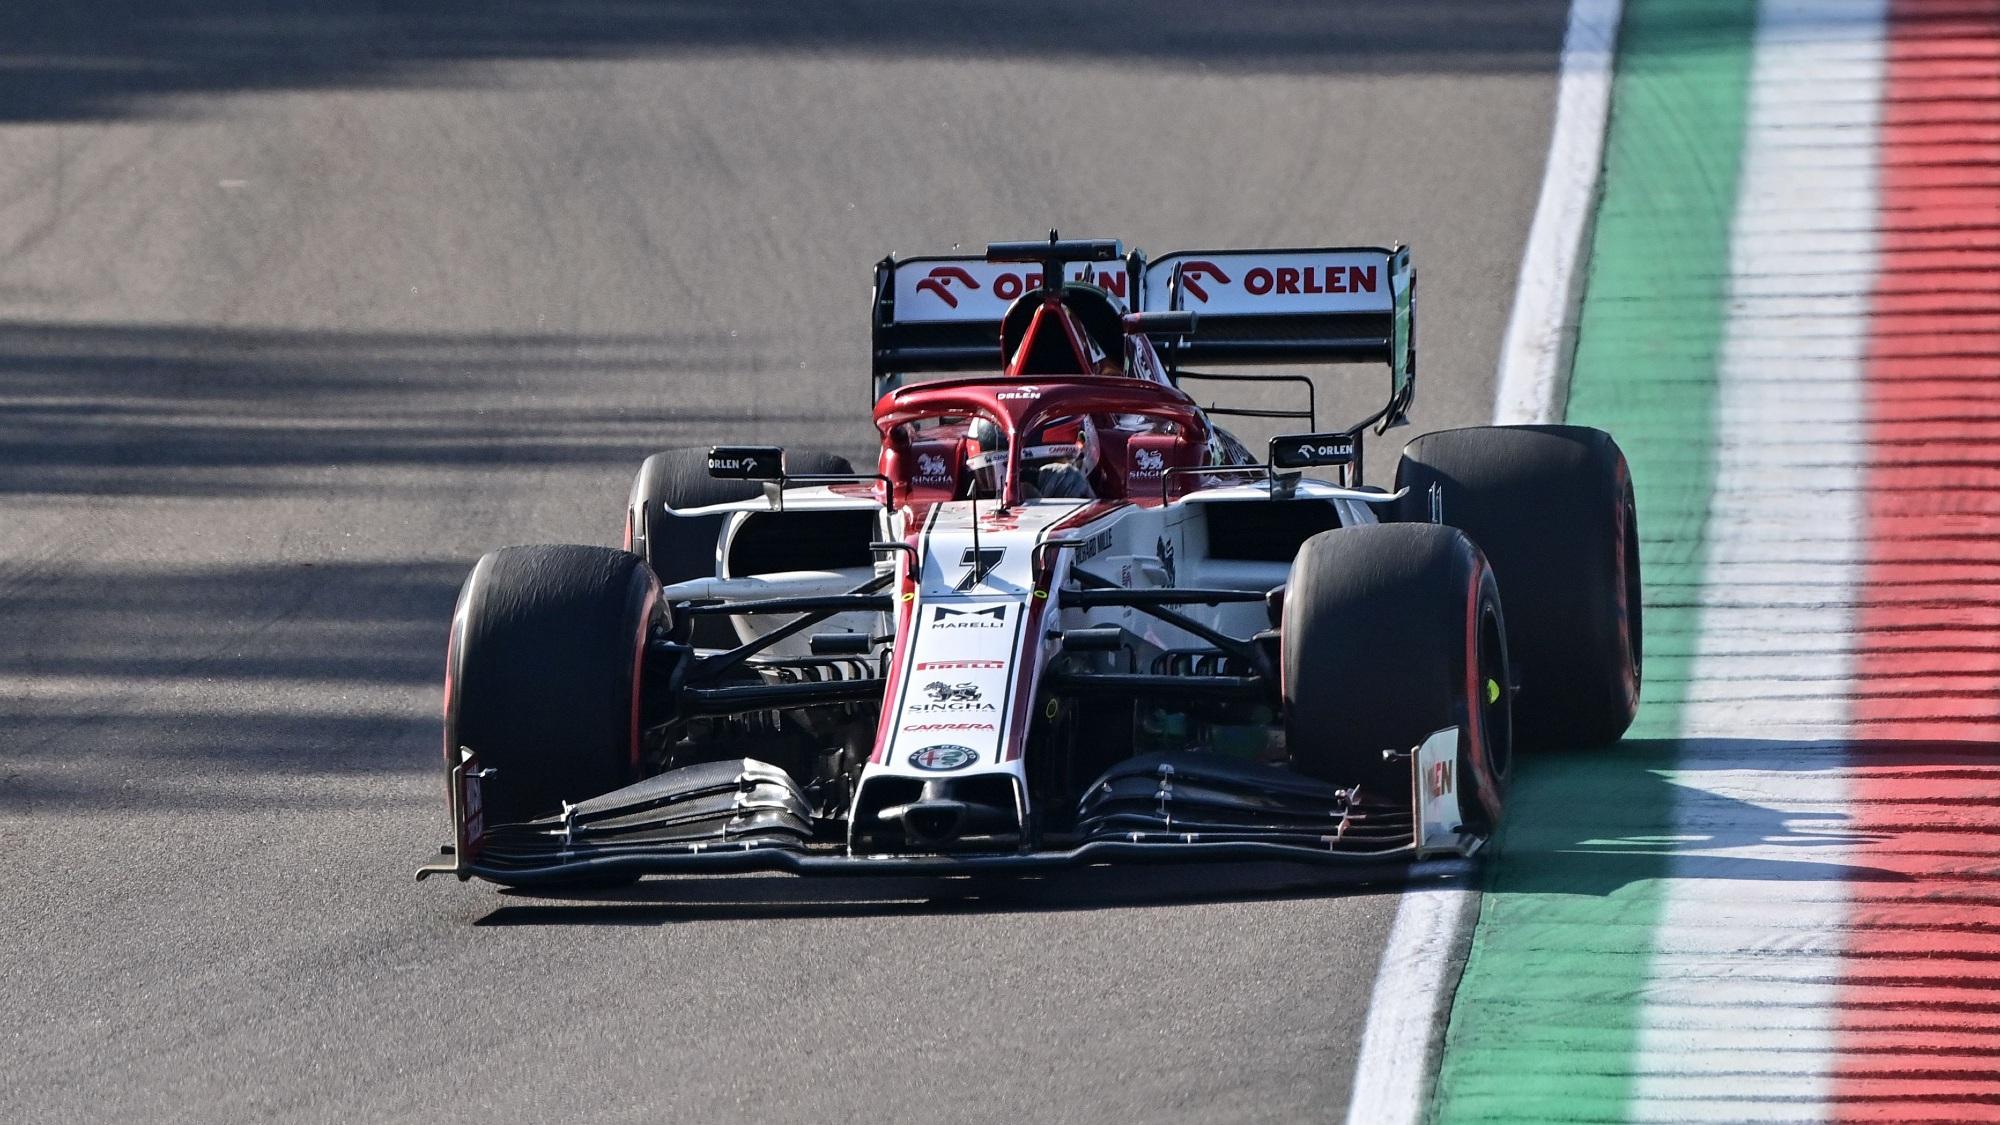 Kimi Raikkonen, 2020 Emilia Romagna GP